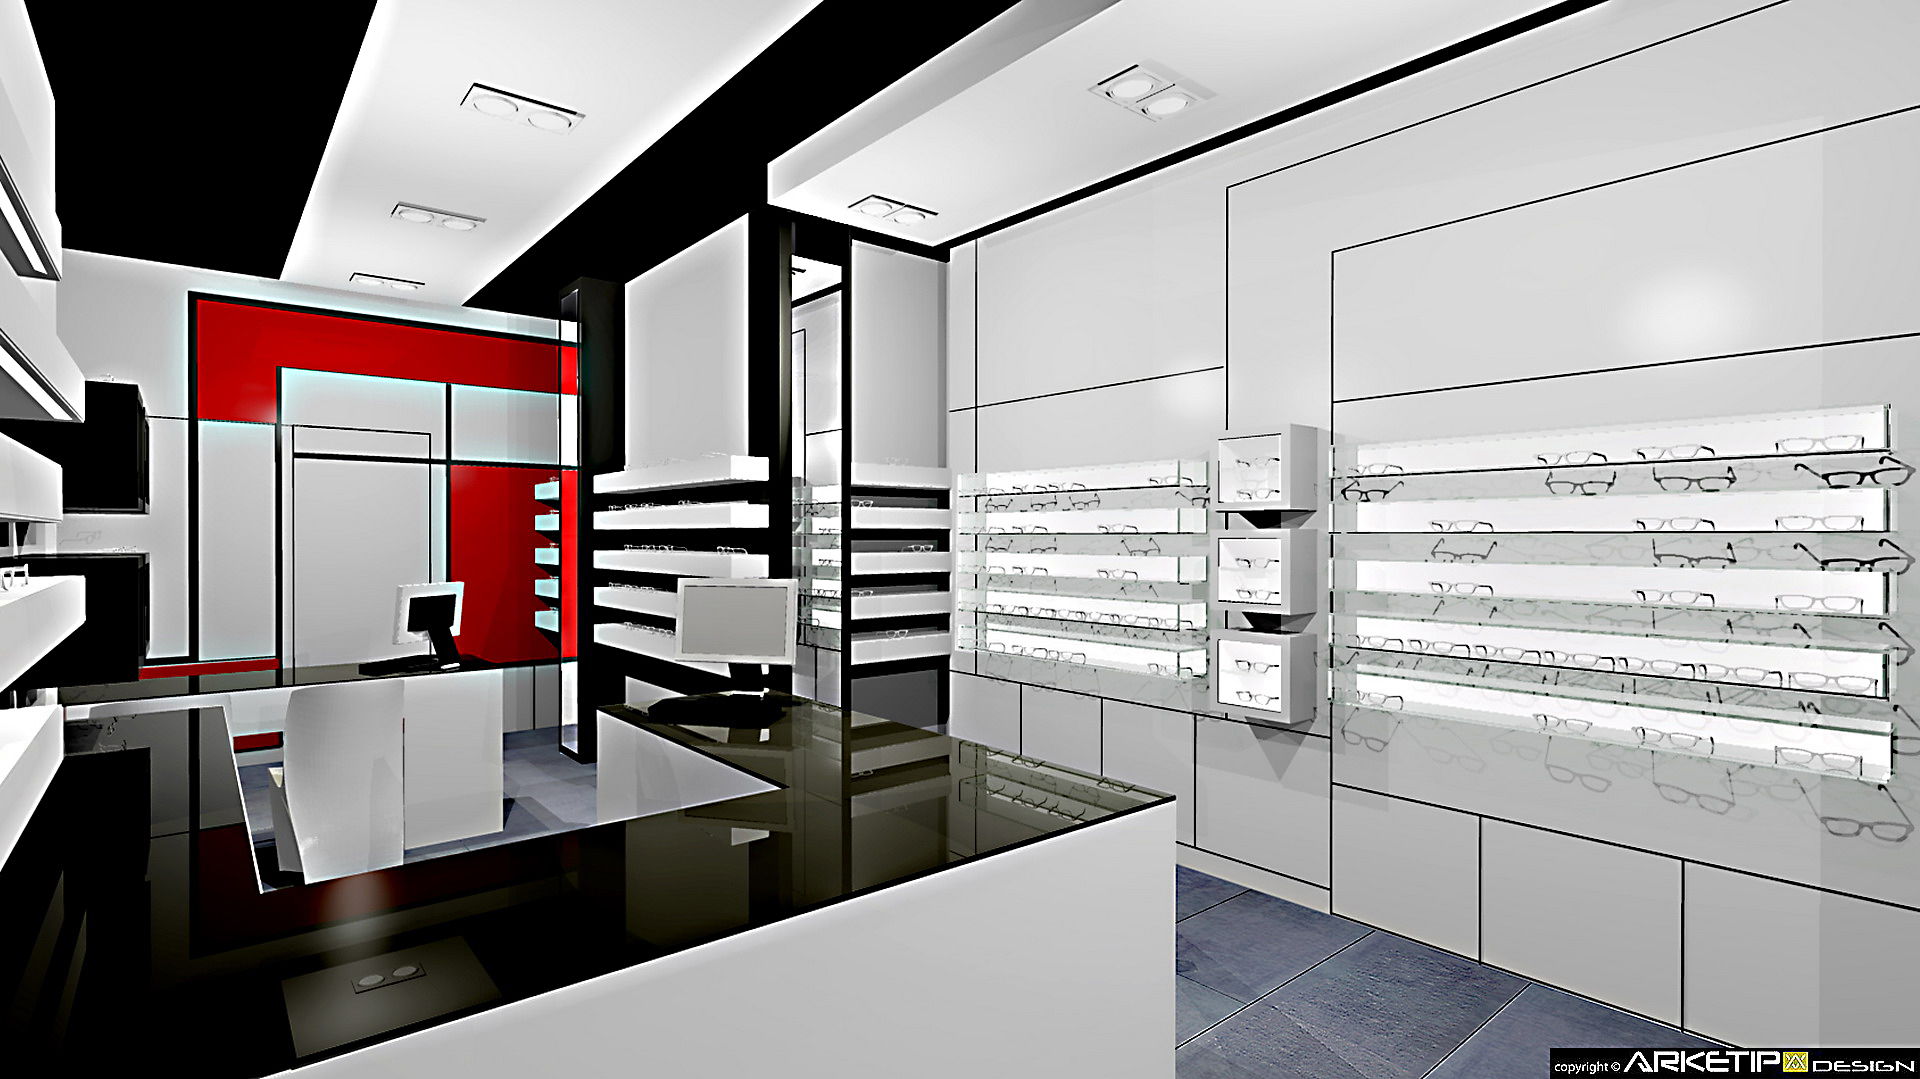 Arredamento ottica del sorbo negozio ottica angri sa for Arredamento negozi milano